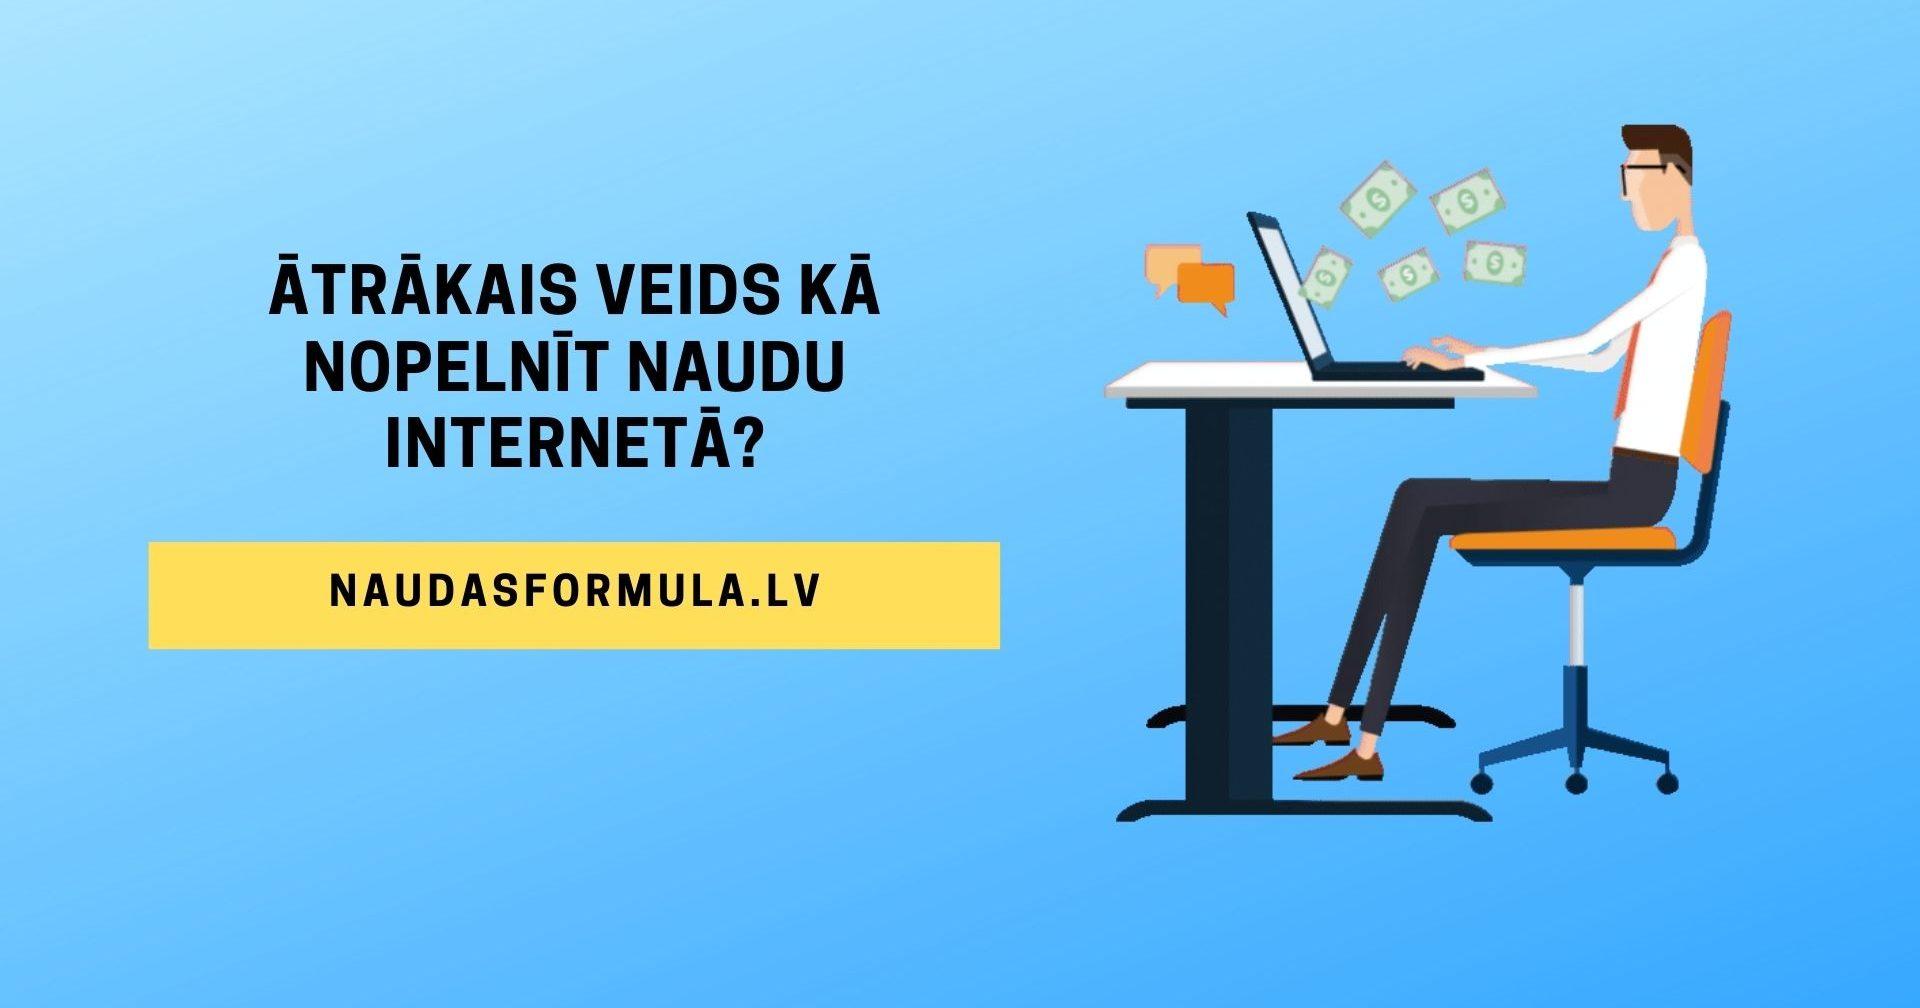 Tiešsaistē ienākumus kā veidi